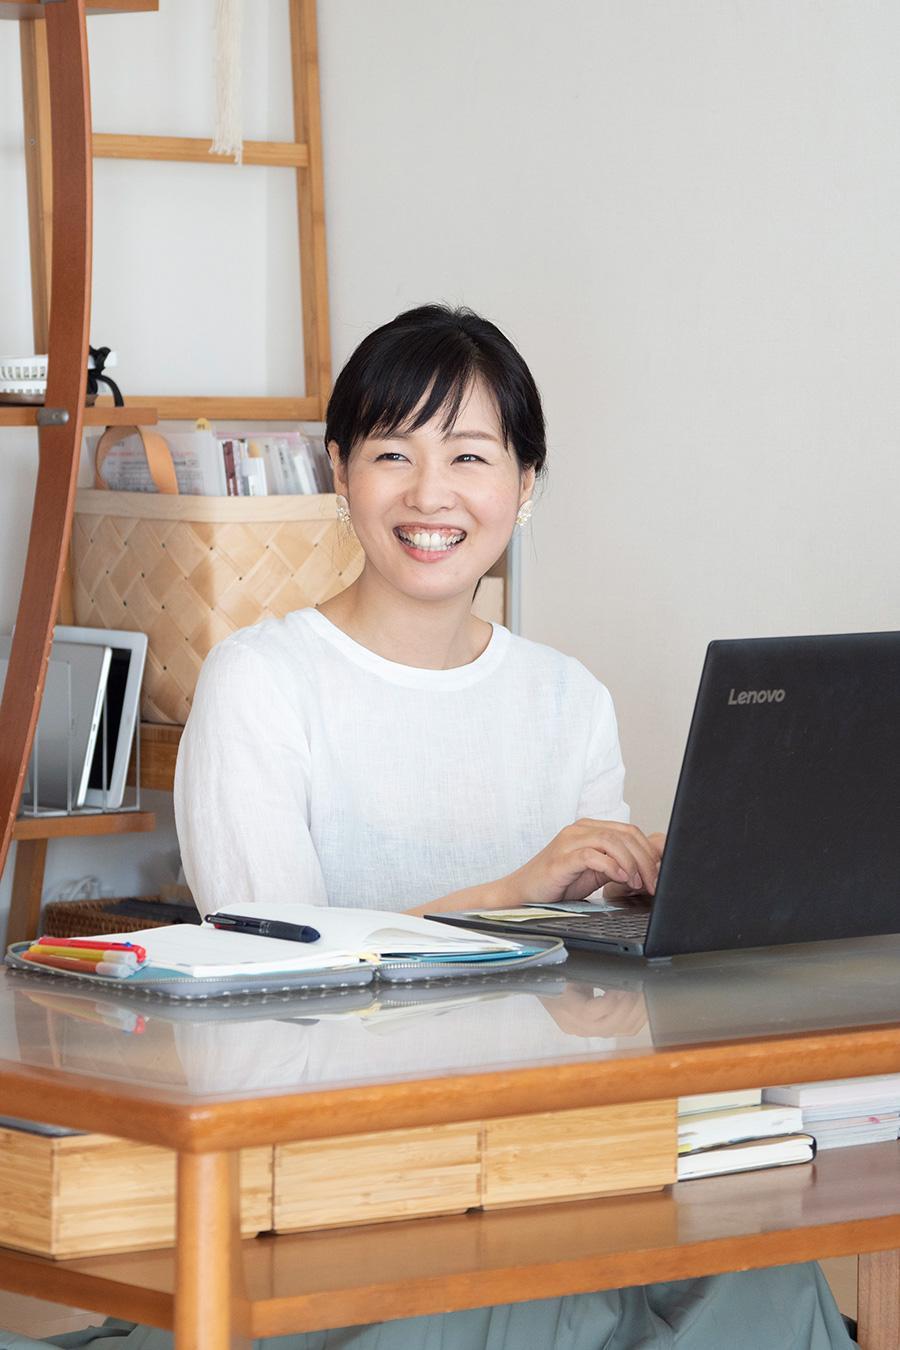 整理収納アドバイザーtakaさん。ライフスタイルに合わせて、家族みんなが無理なく続けられる片づけをアドバイス。ブログ『つづく、暮らし』でも片づけのアイデアを発信。